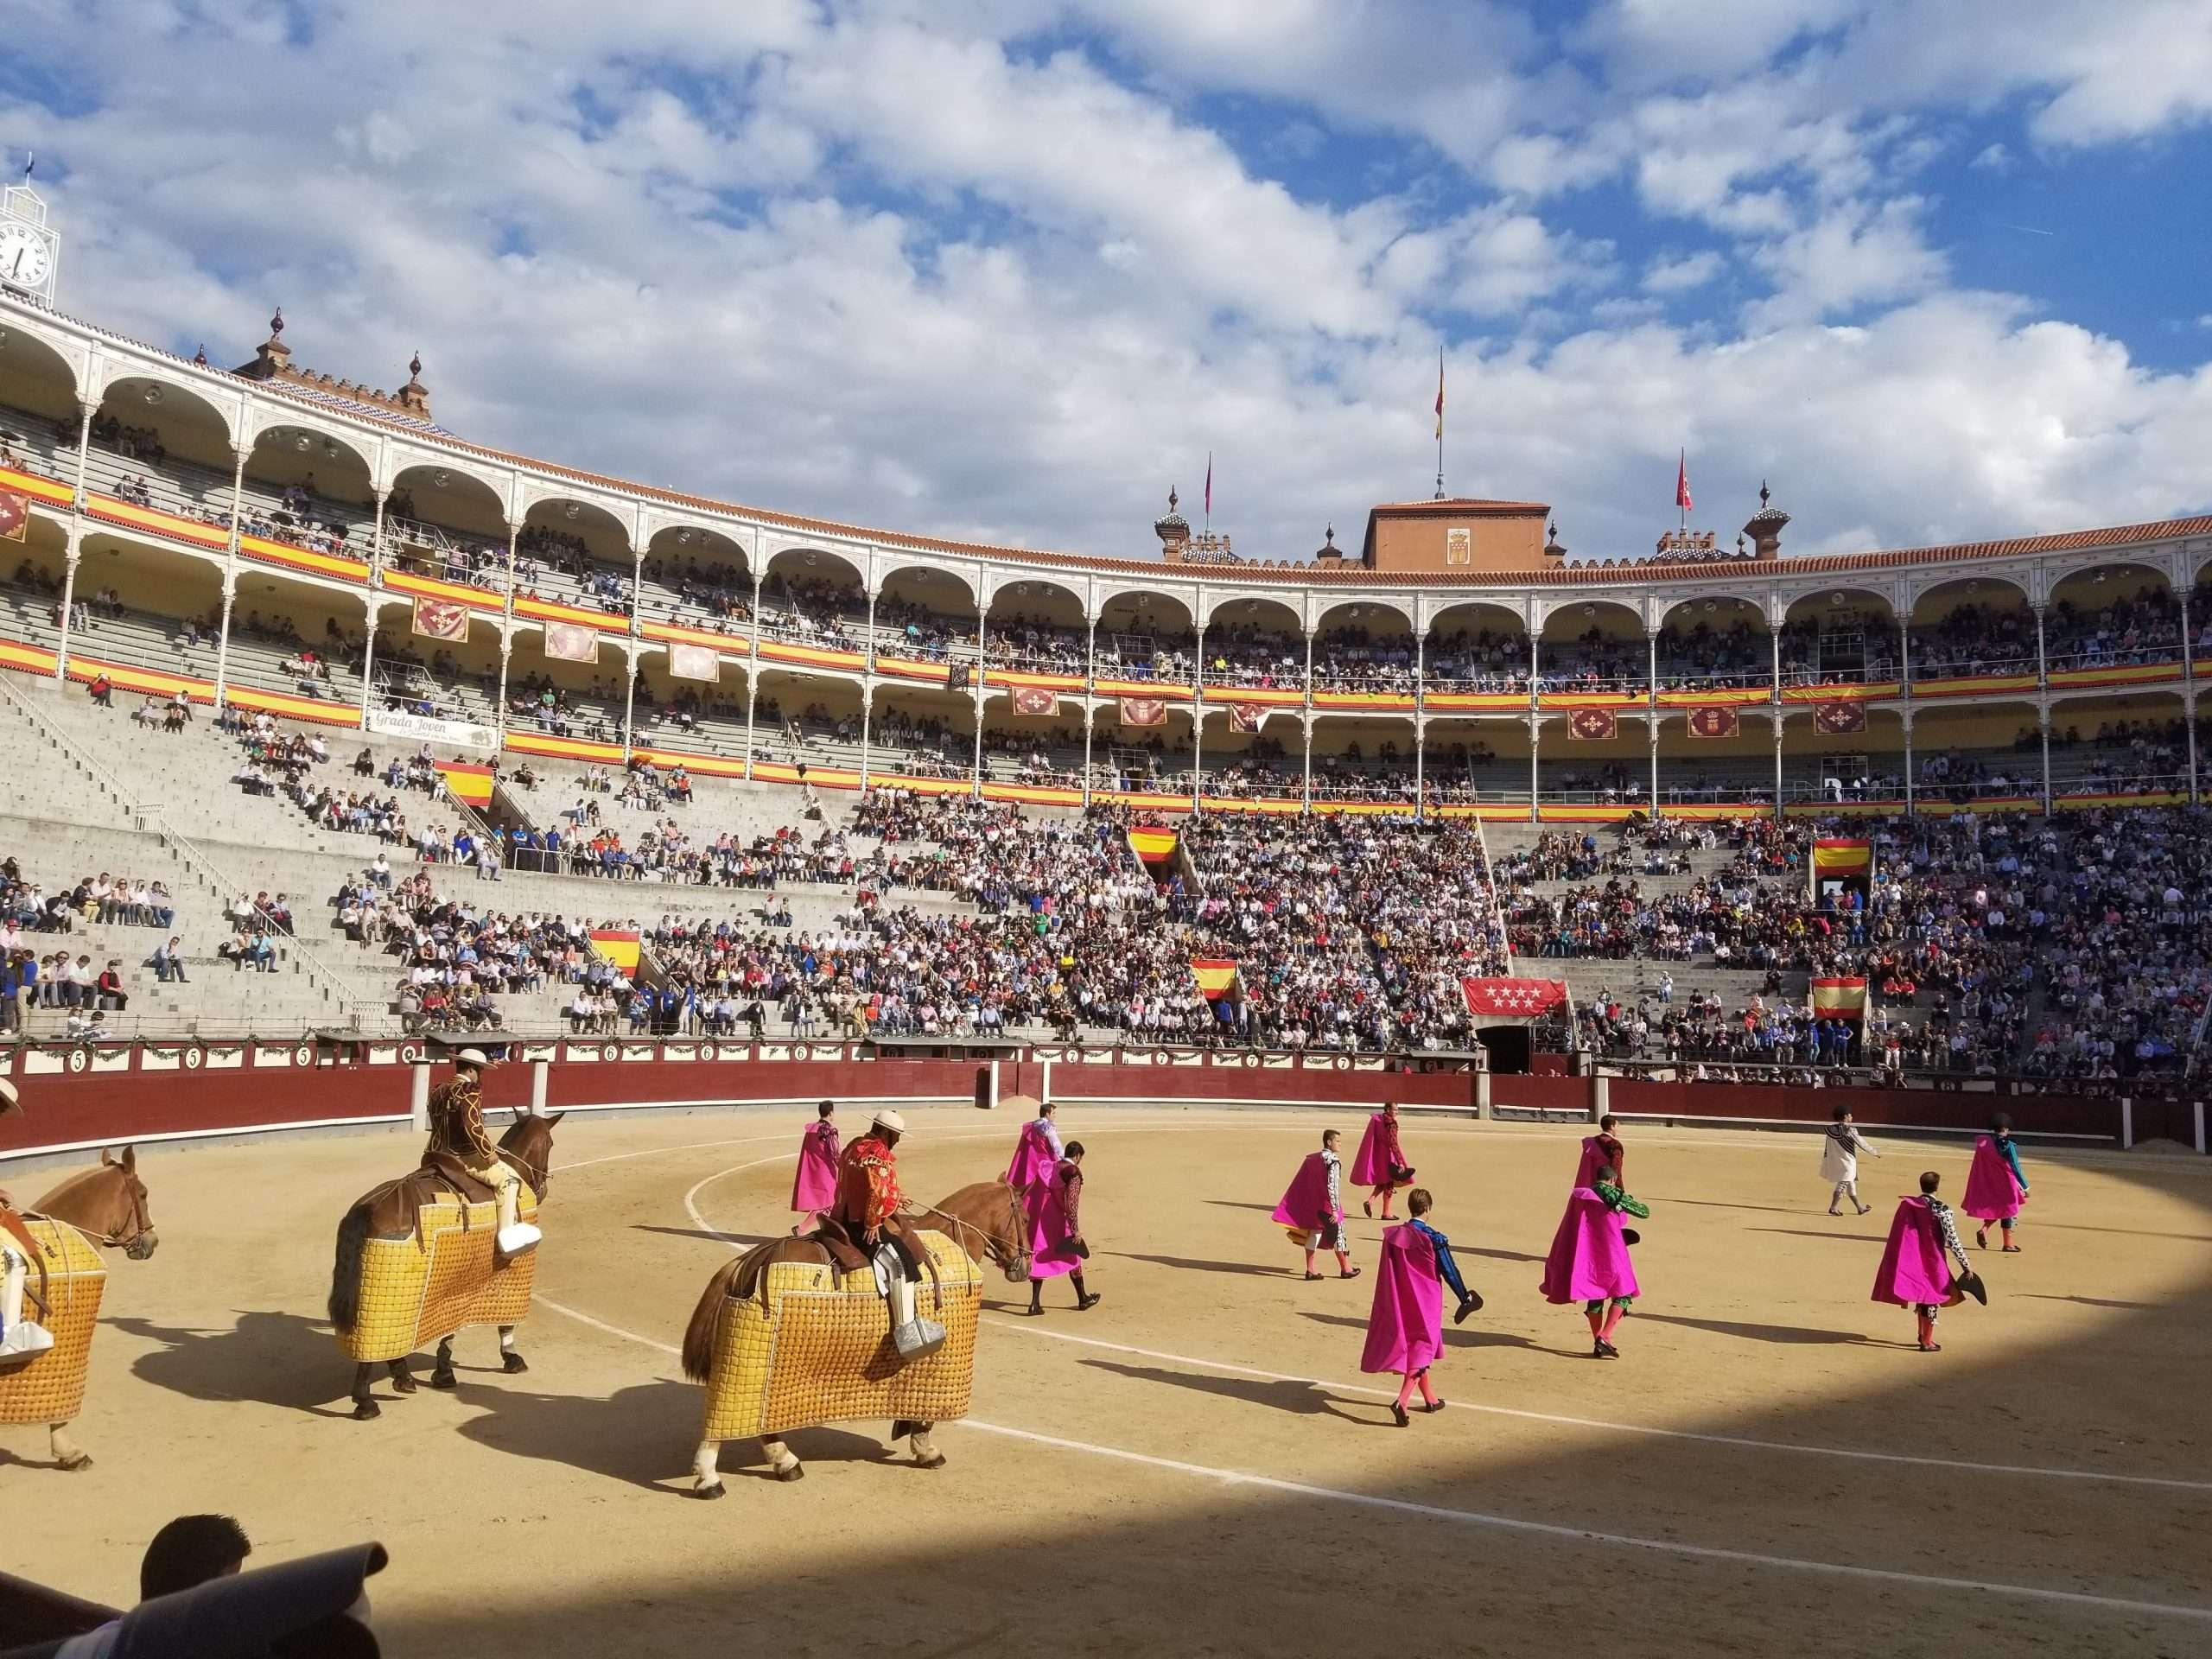 Corrida in Madrid